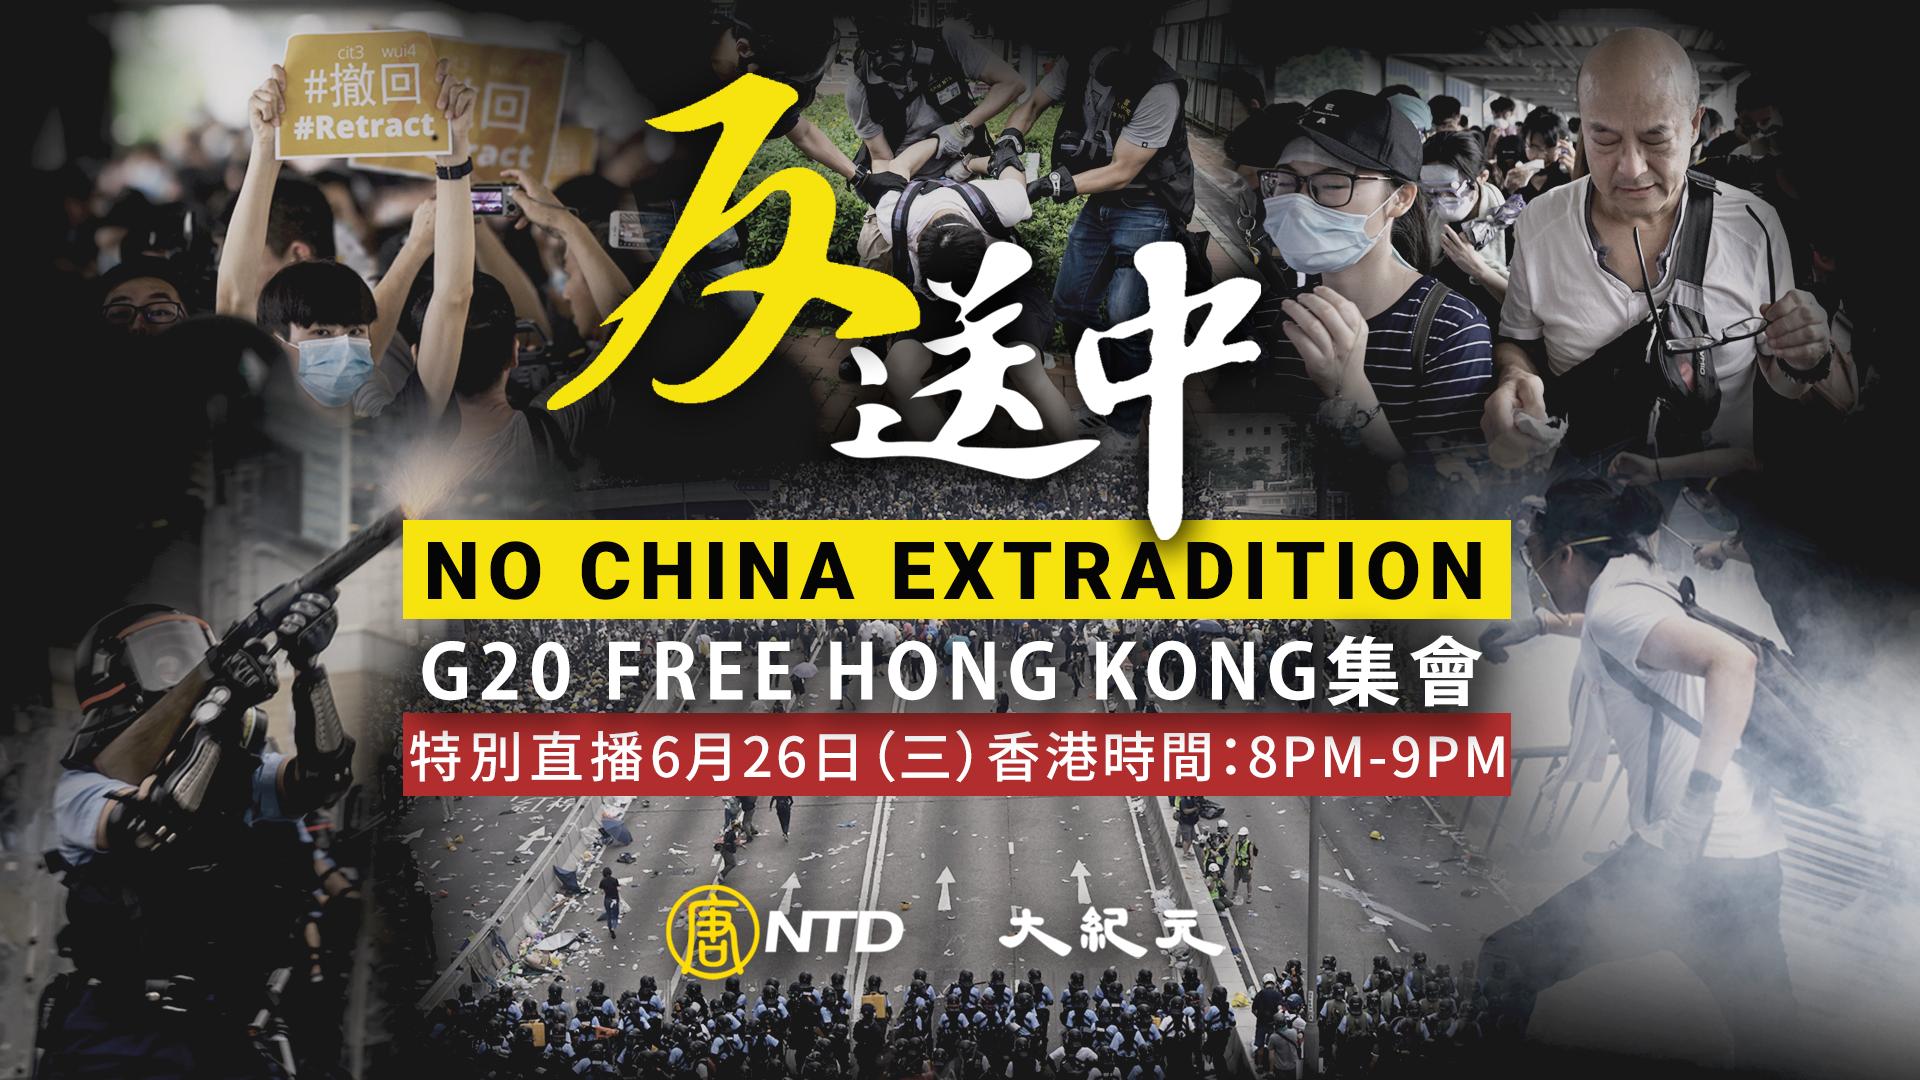 香港民陣號召市民6月26日到中環愛丁堡廣場集會,趁G20峰會前夕藉國際壓力再向特區政府施壓,要求回應五大訴求。新唐人大紀元將聯合直播這項活動。(大紀元)